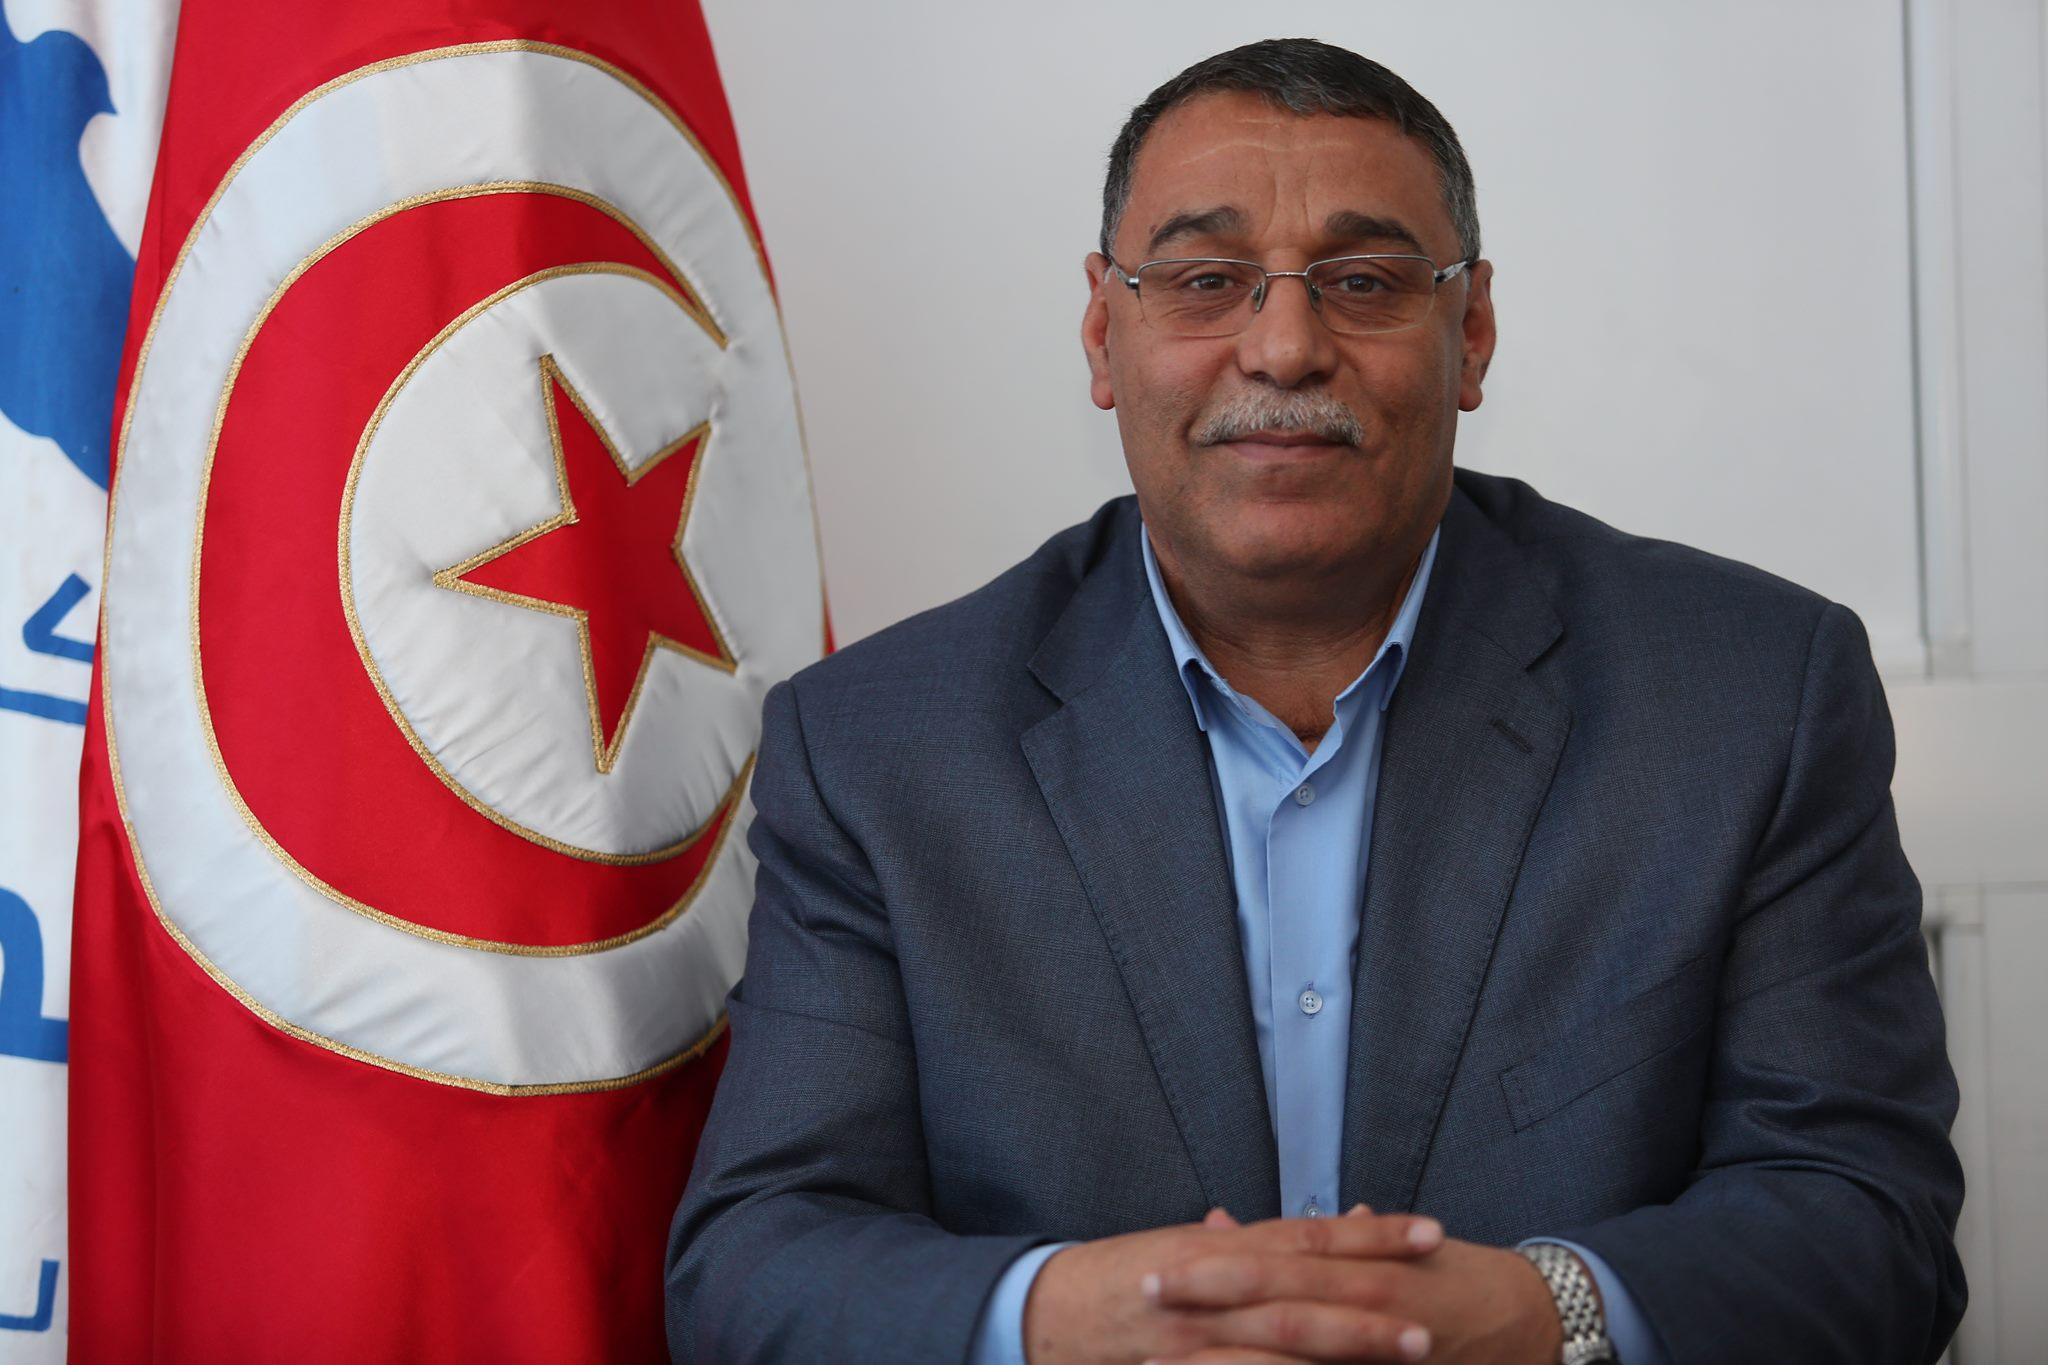 Les partisans d'Ennahdha ont-ils empeché Abdelhamid Jelassi de donner des déclarations aux médias?